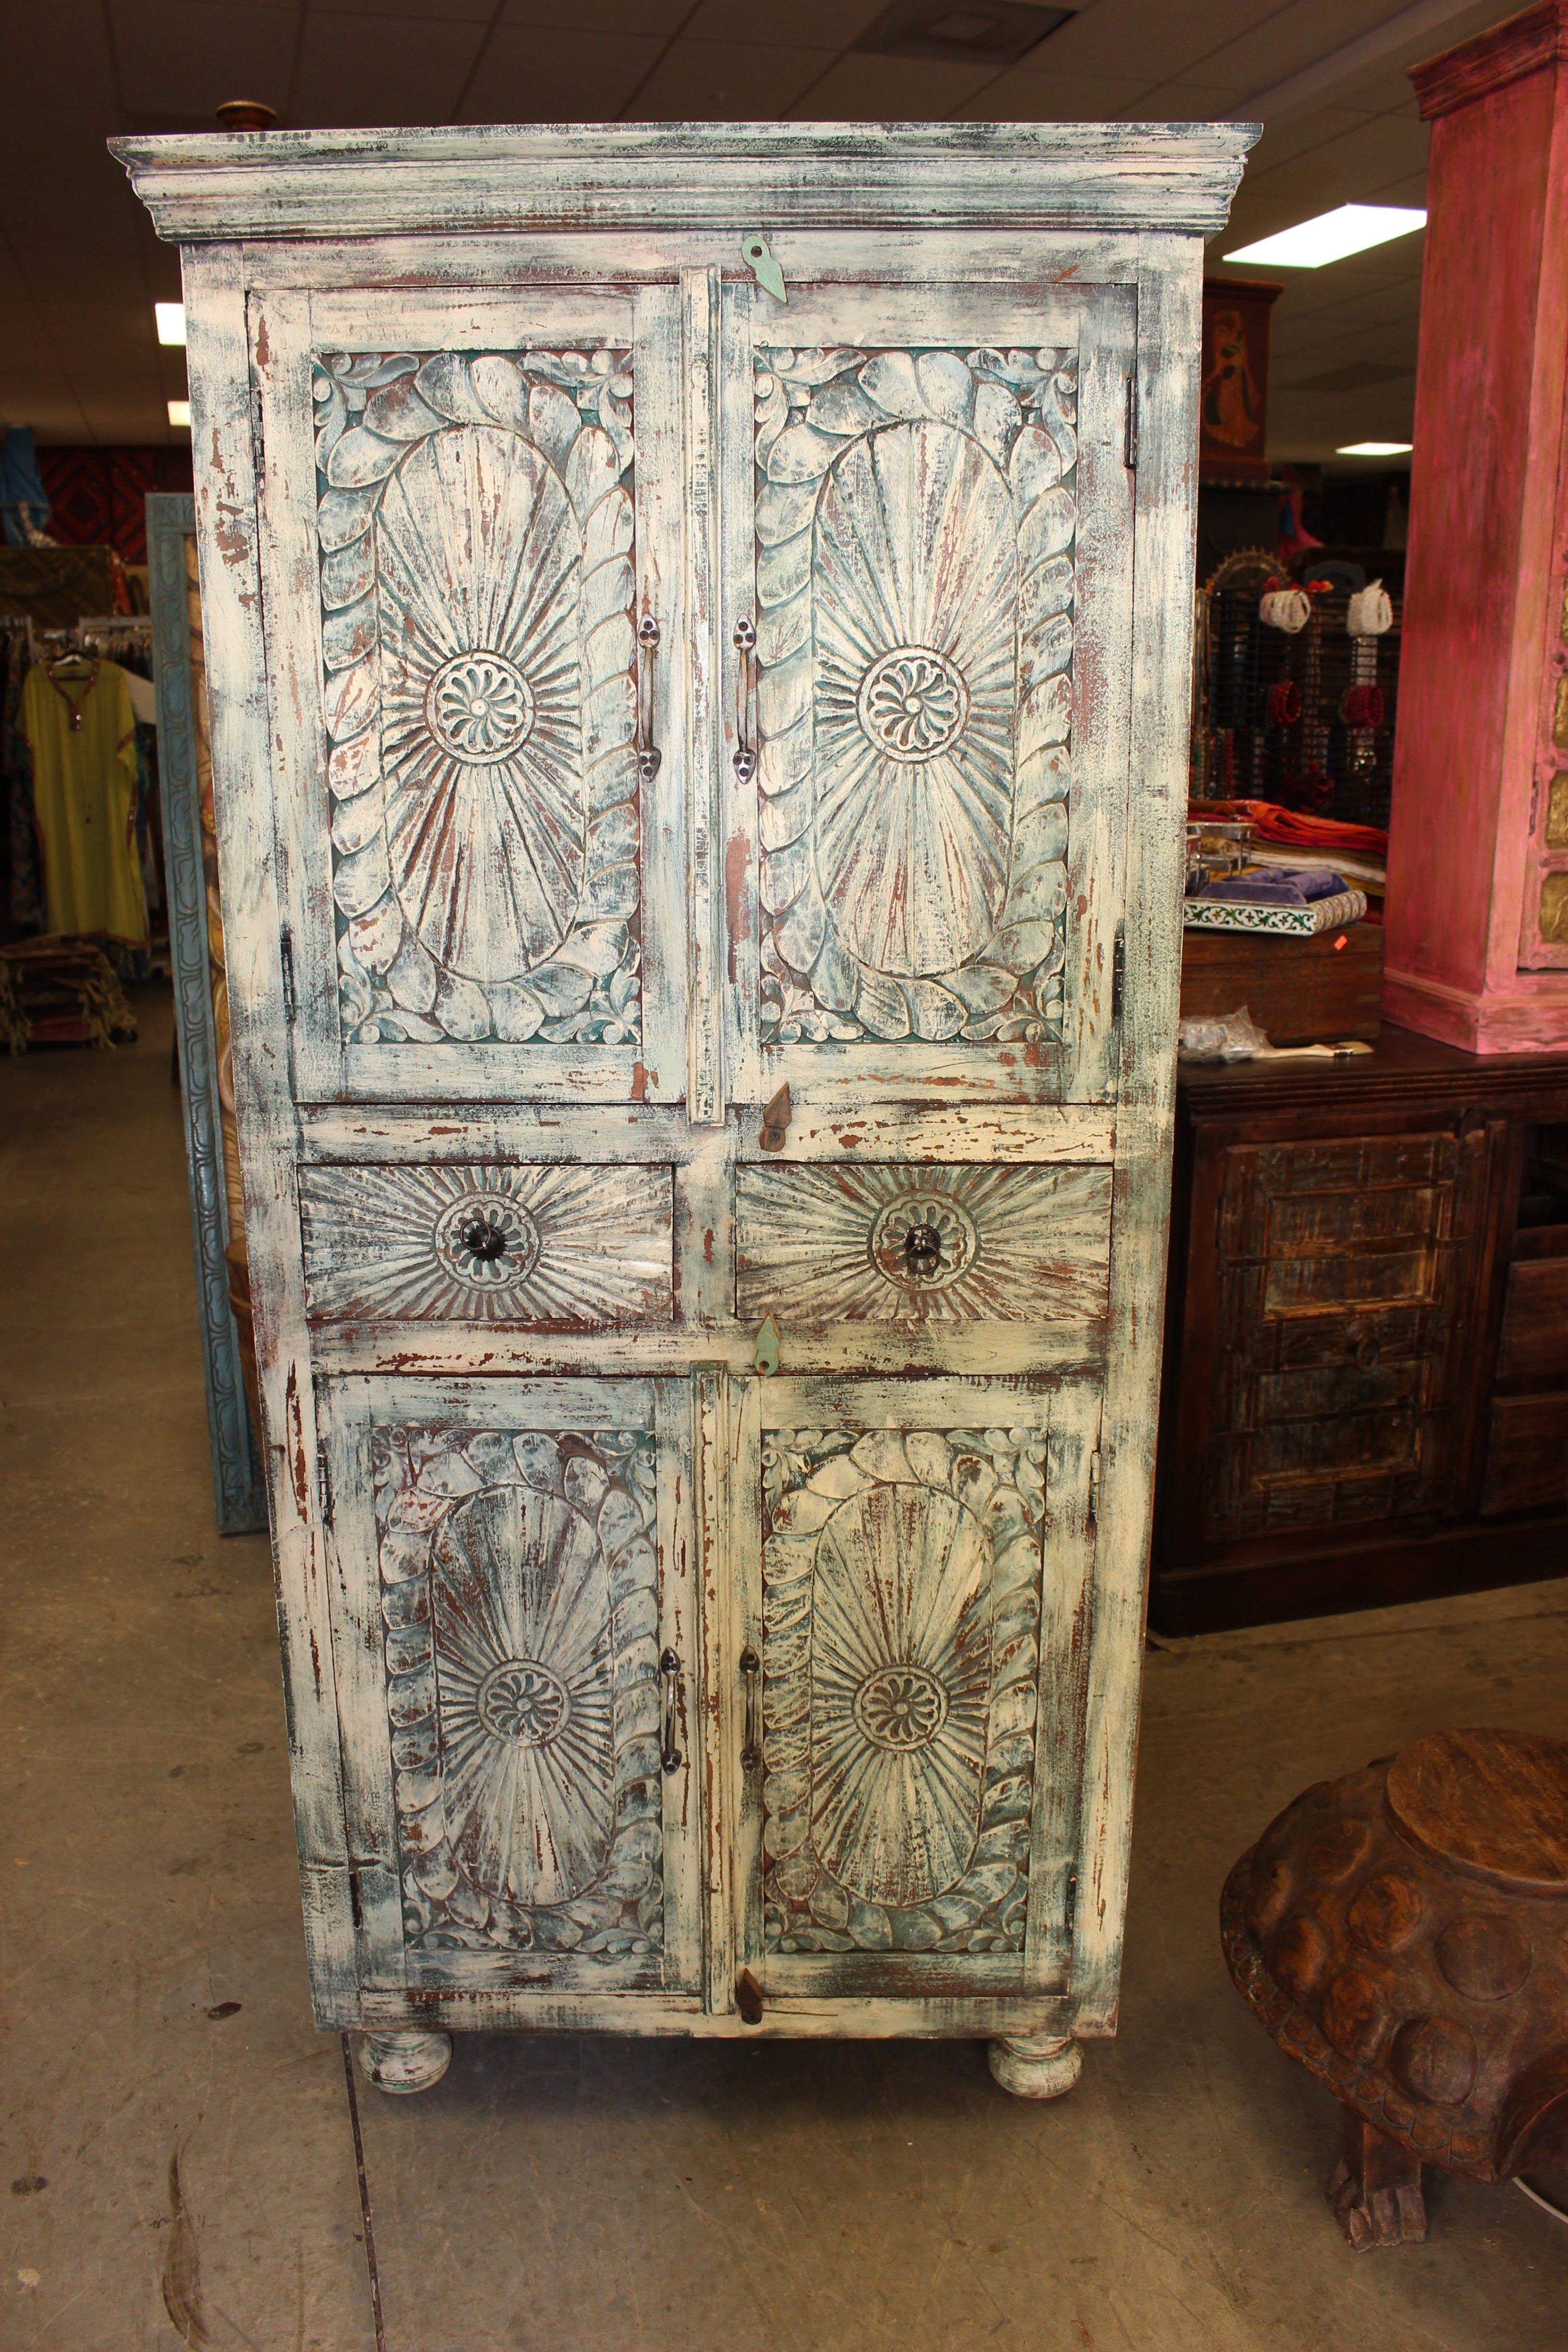 Antique Interior Furniture Antique Interior Antiques Antique